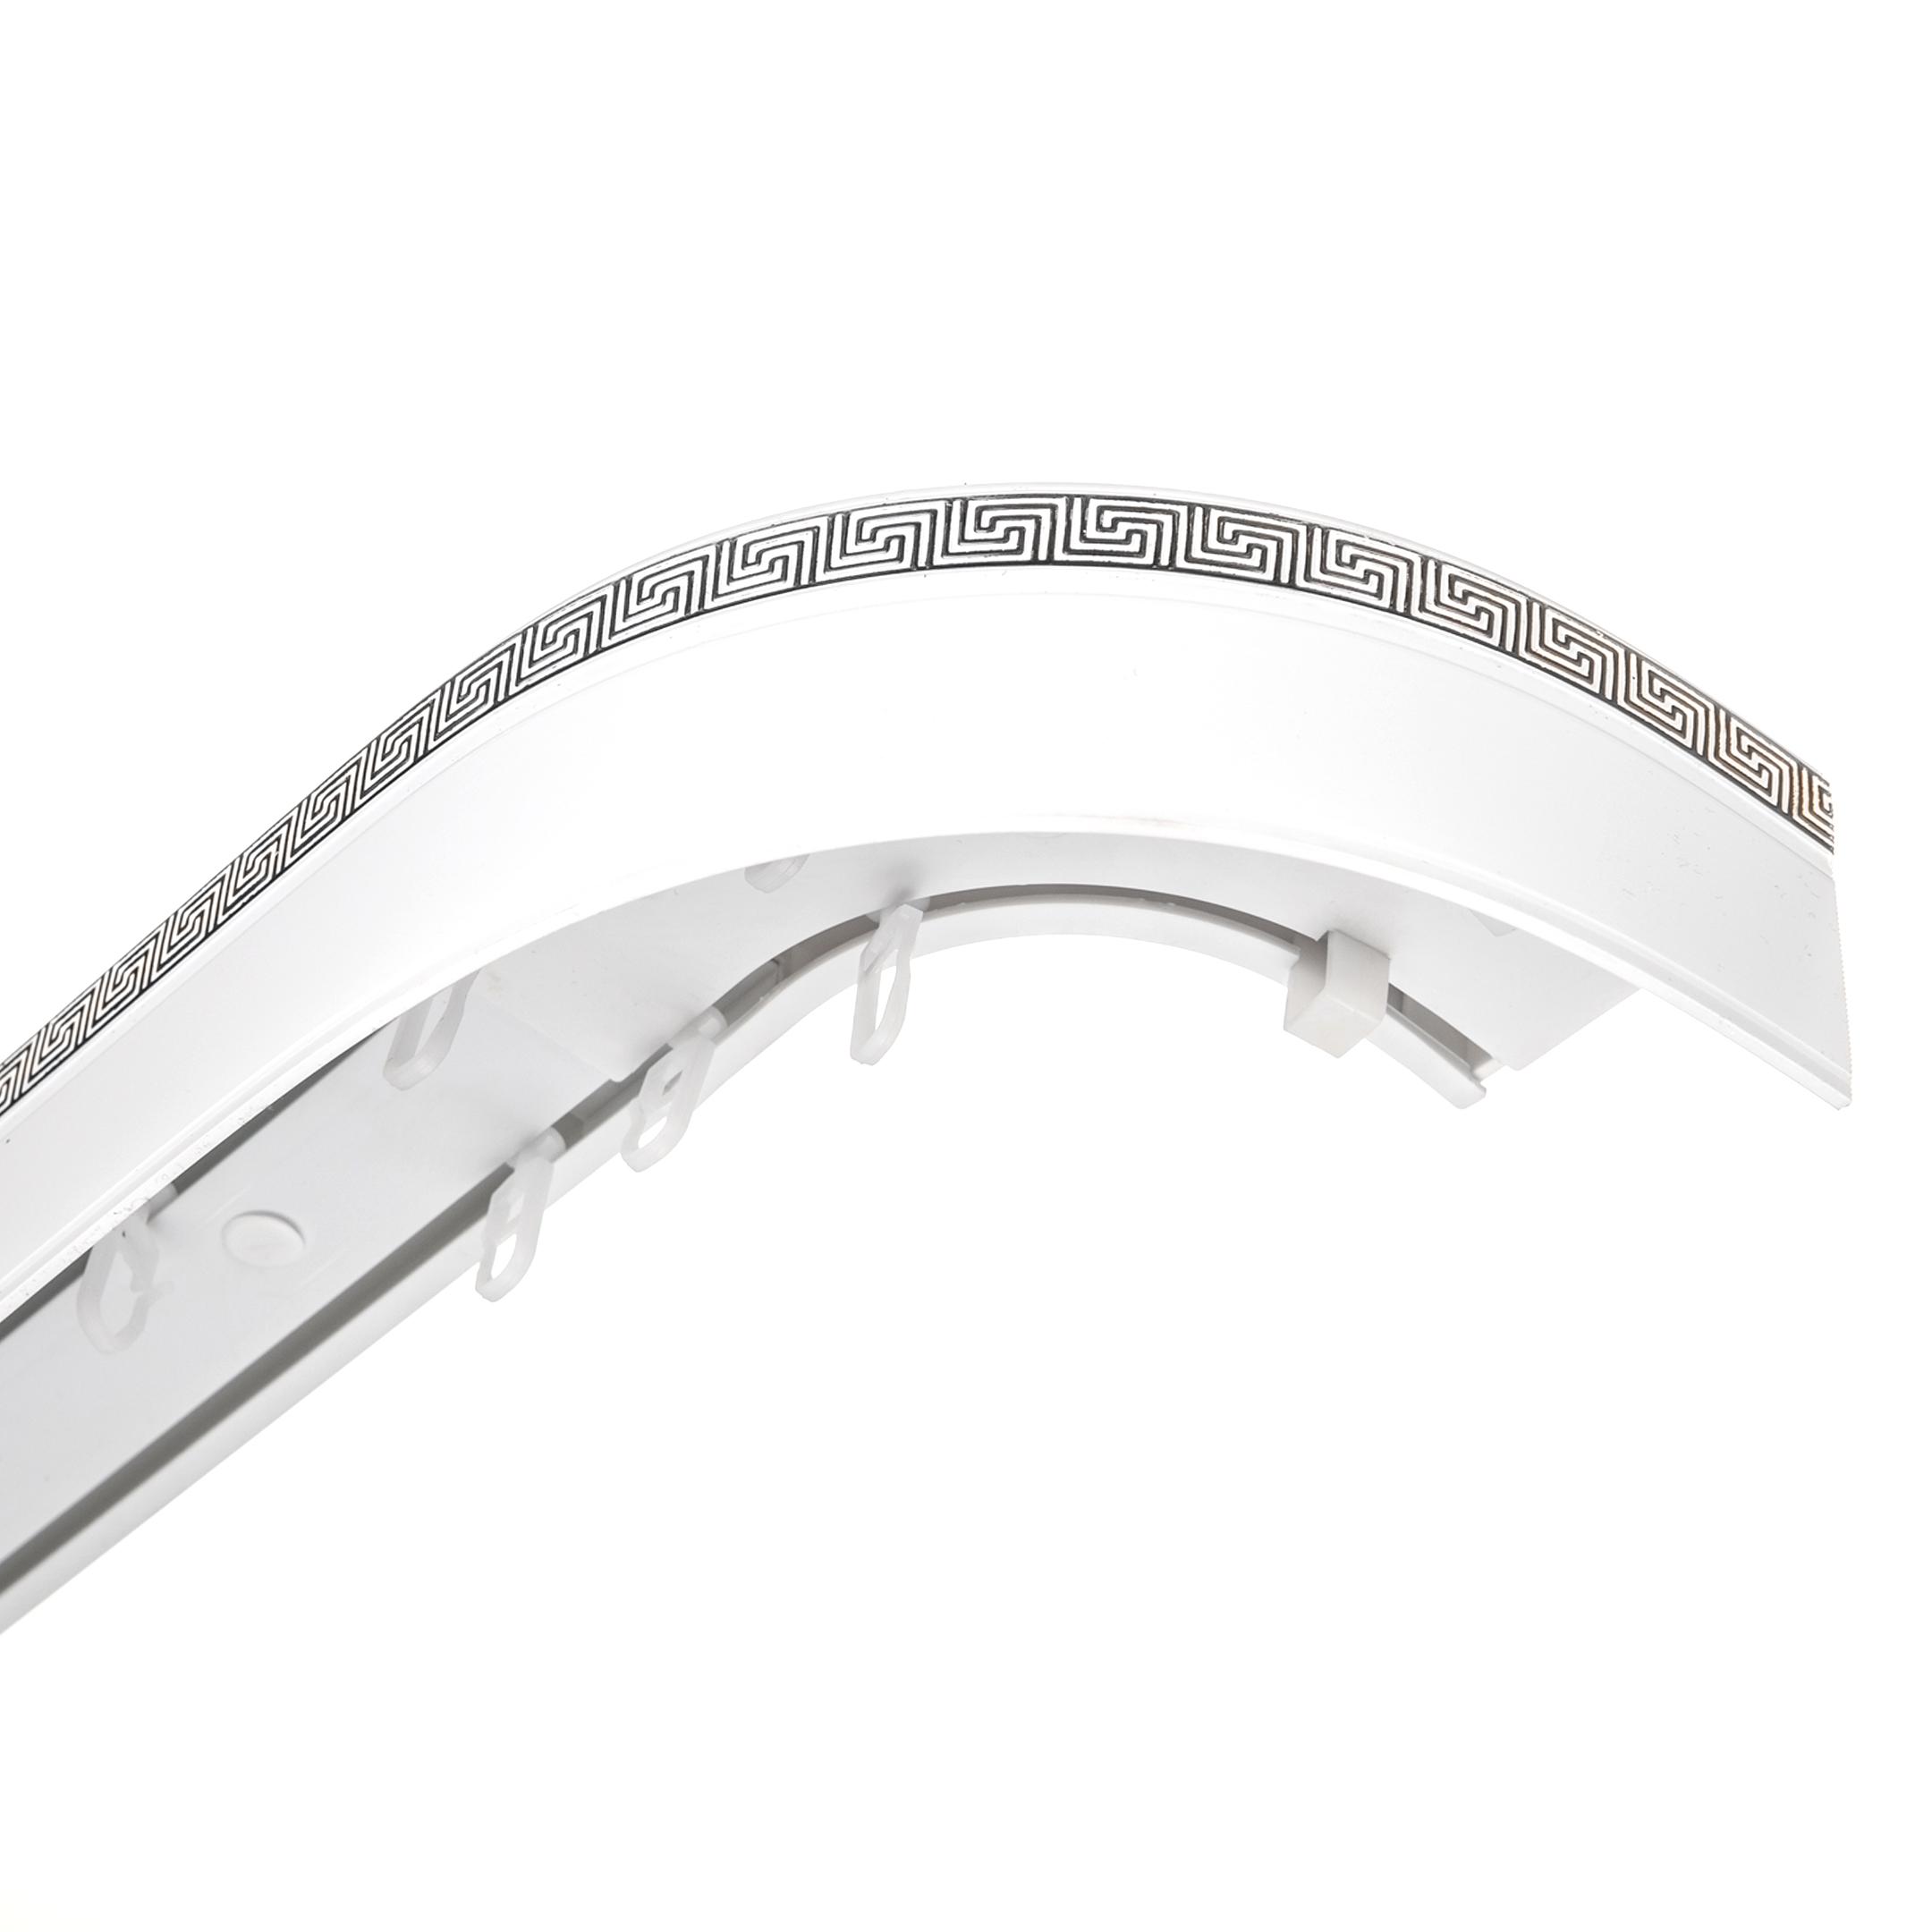 Фото - Карниз потолочный пластмассовый двухрядный с блендой 240 см ариадна белый/хром карниз потолочный пластмассовый двухрядный стандартный 200 см белый